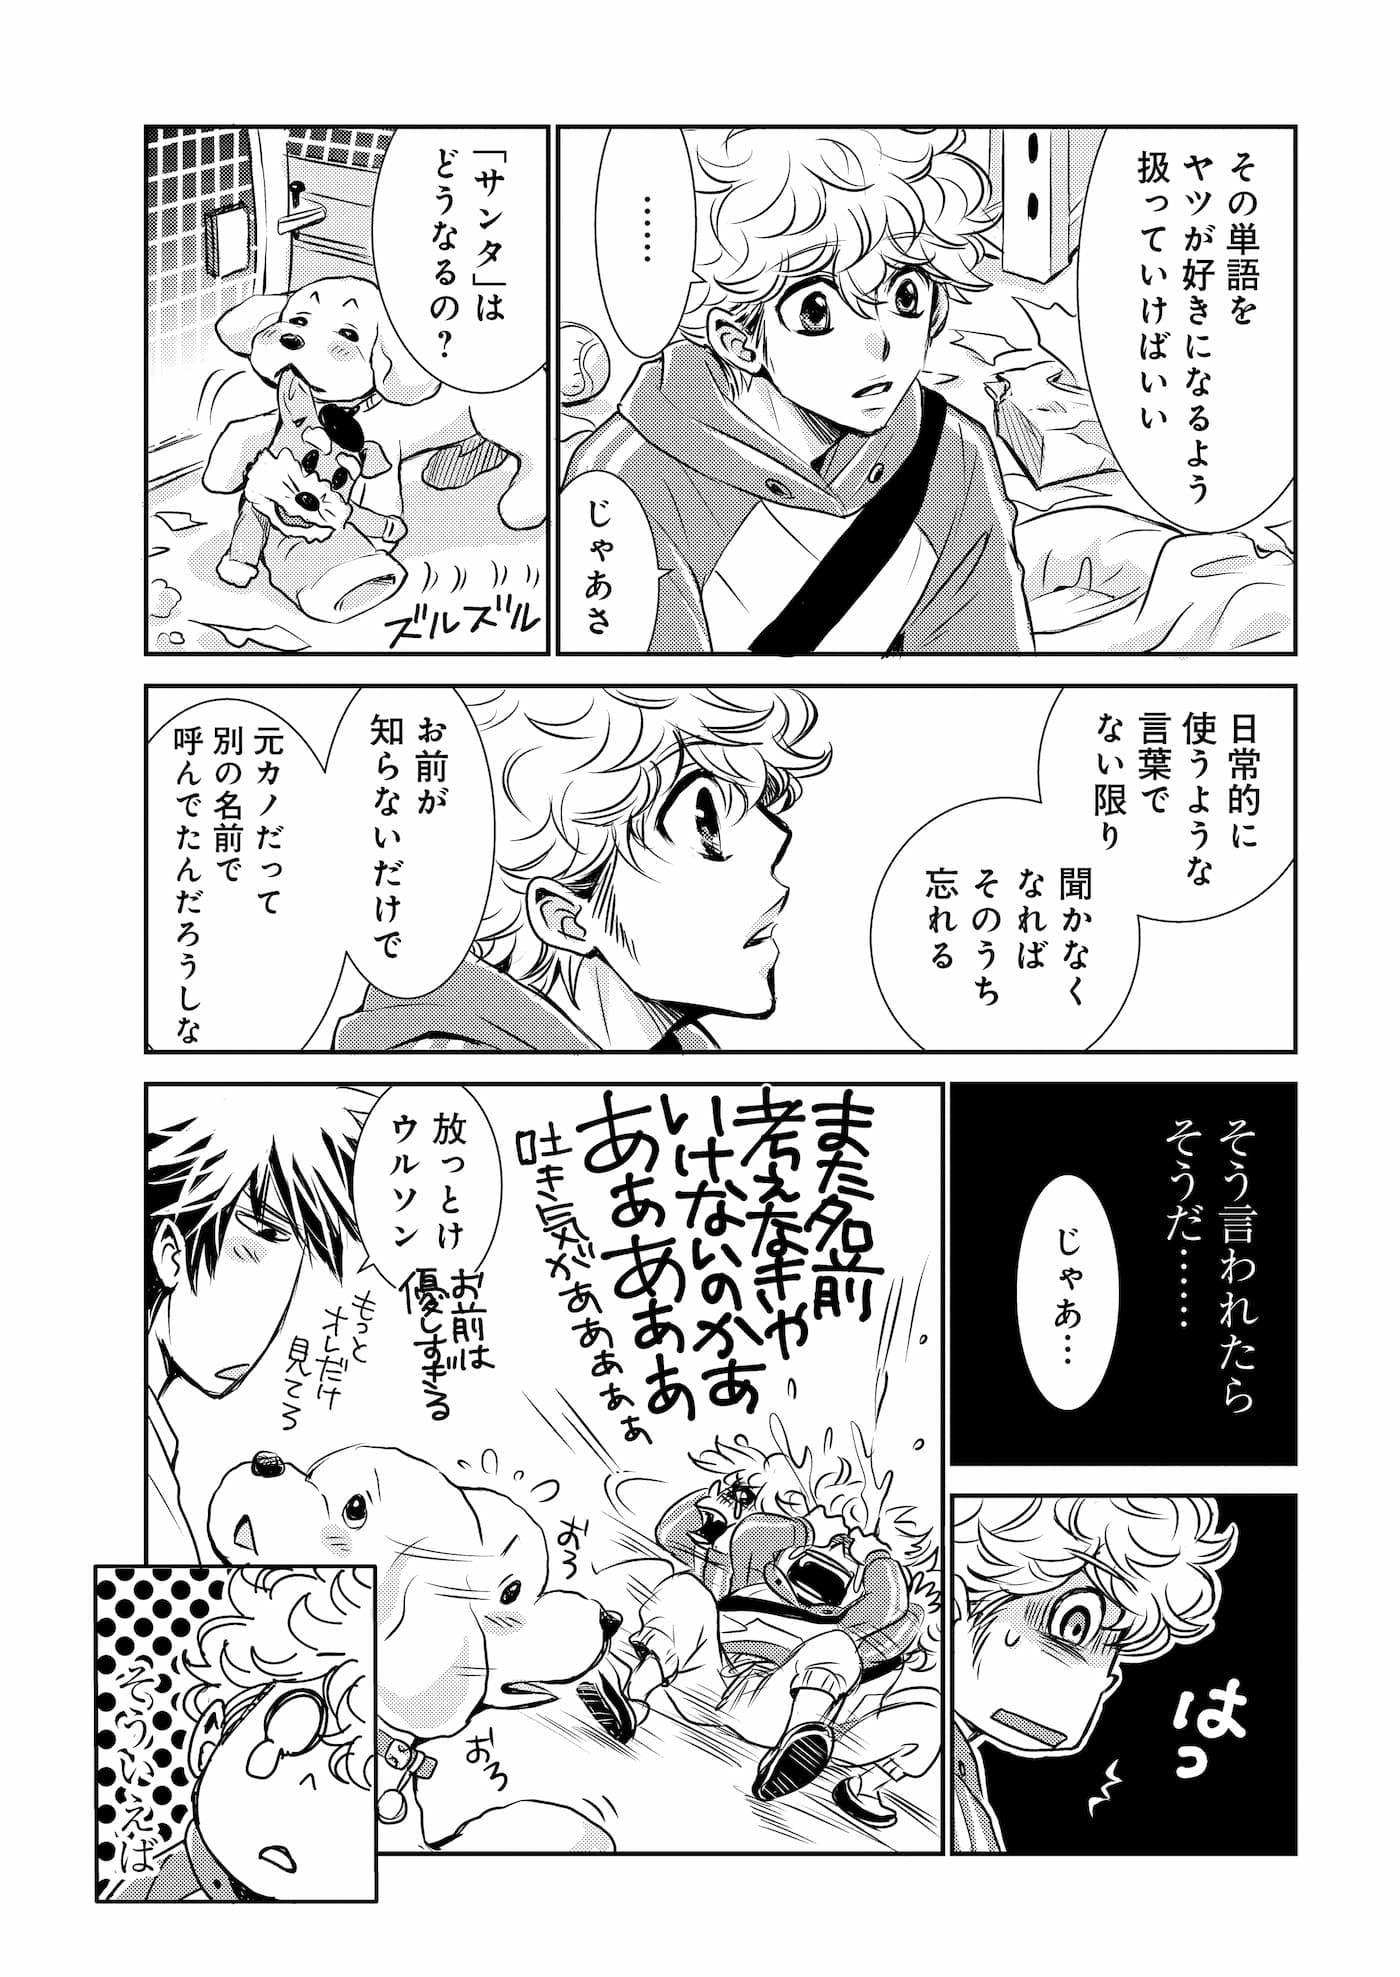 『DOG SIGNAL』3話目④ 2ページ目